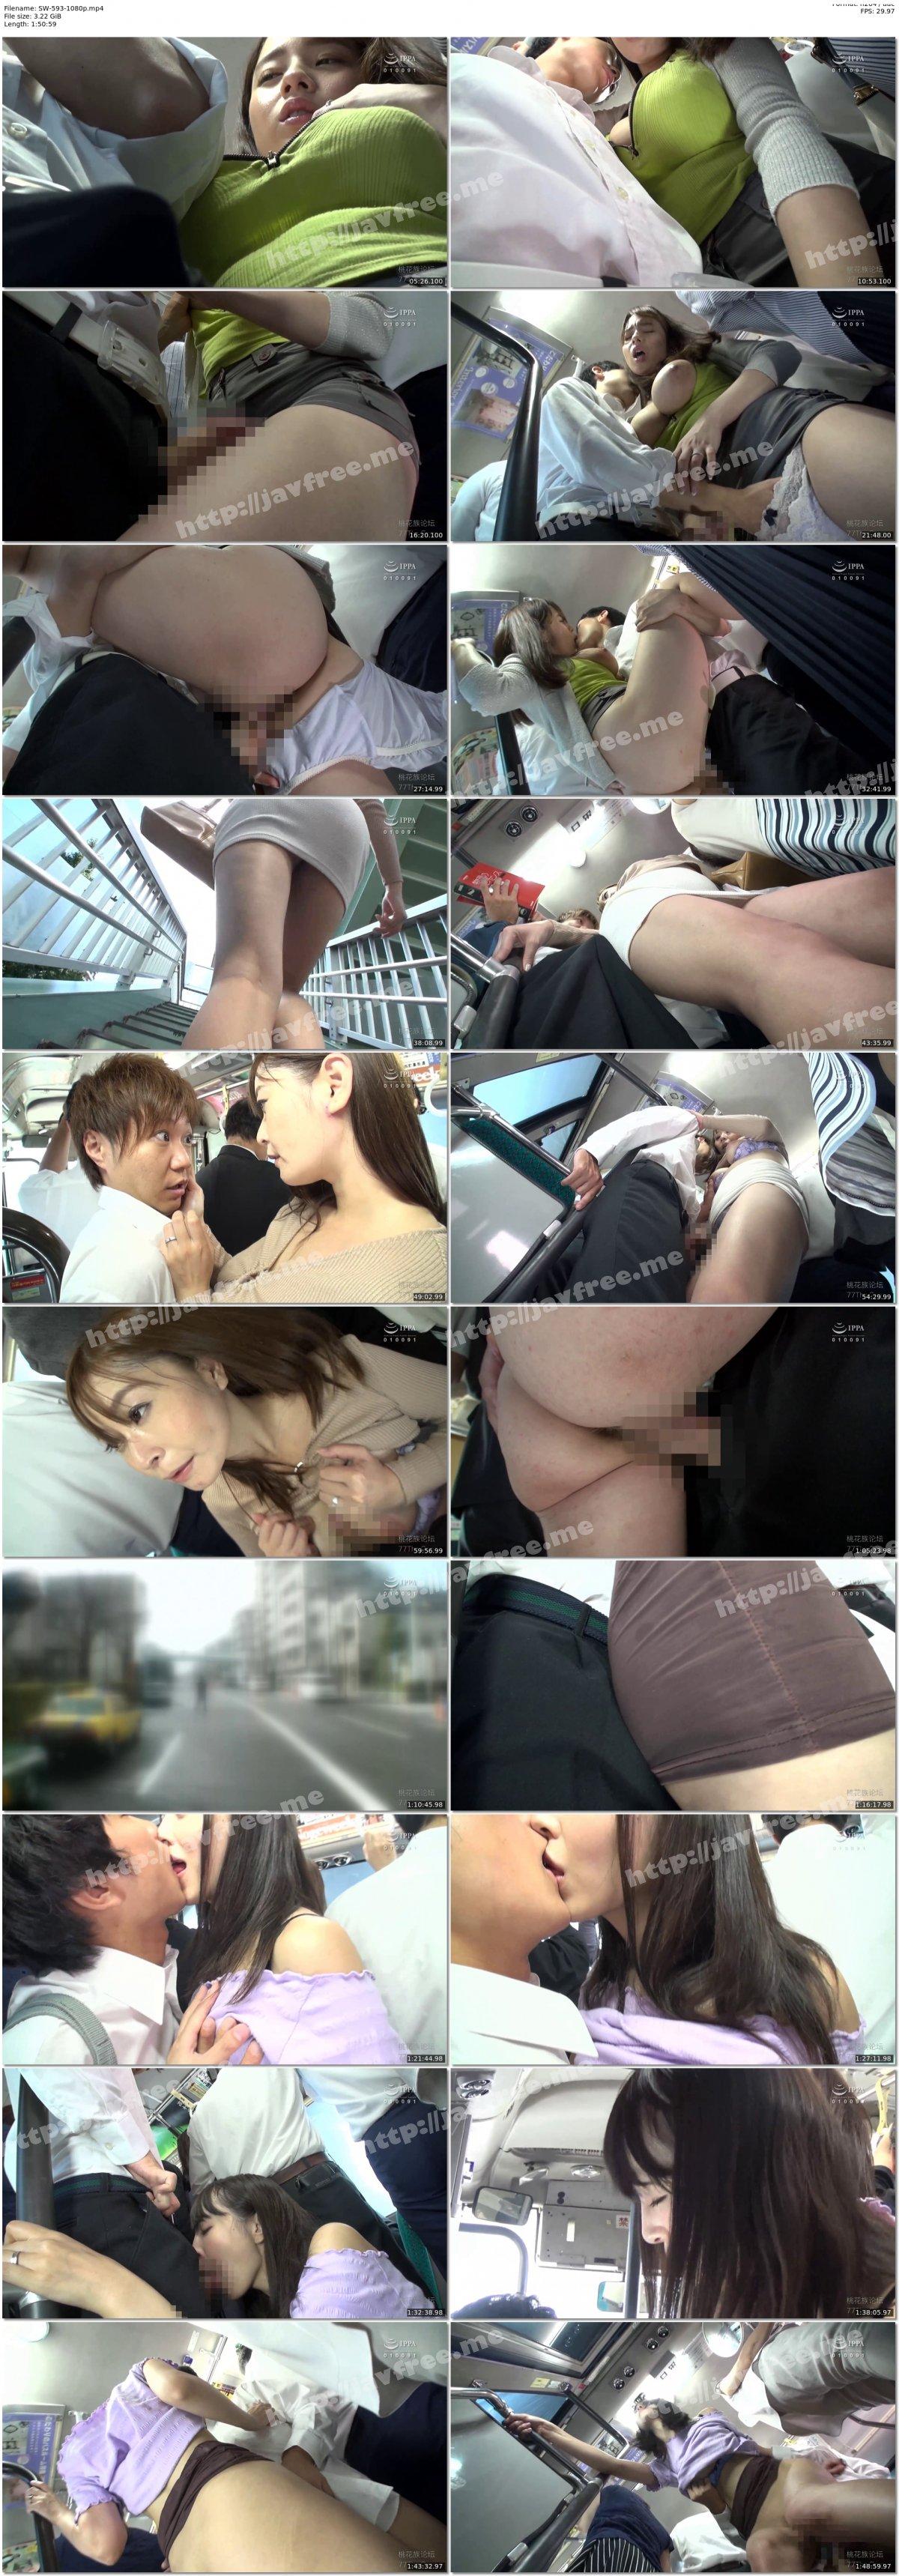 [HD][SW-593] 満員バスで人妻のボインが女性経験ゼロの僕の体に押し付けてくる!ズボンが突き破りそうなチ○ポを握りしめ股間に感じ奥さんの性欲も止まらない。他の乗客がいるのに車内で童貞チ○コ立ったまま挿入させられちゃいました - image SW-593-1080p on https://javfree.me